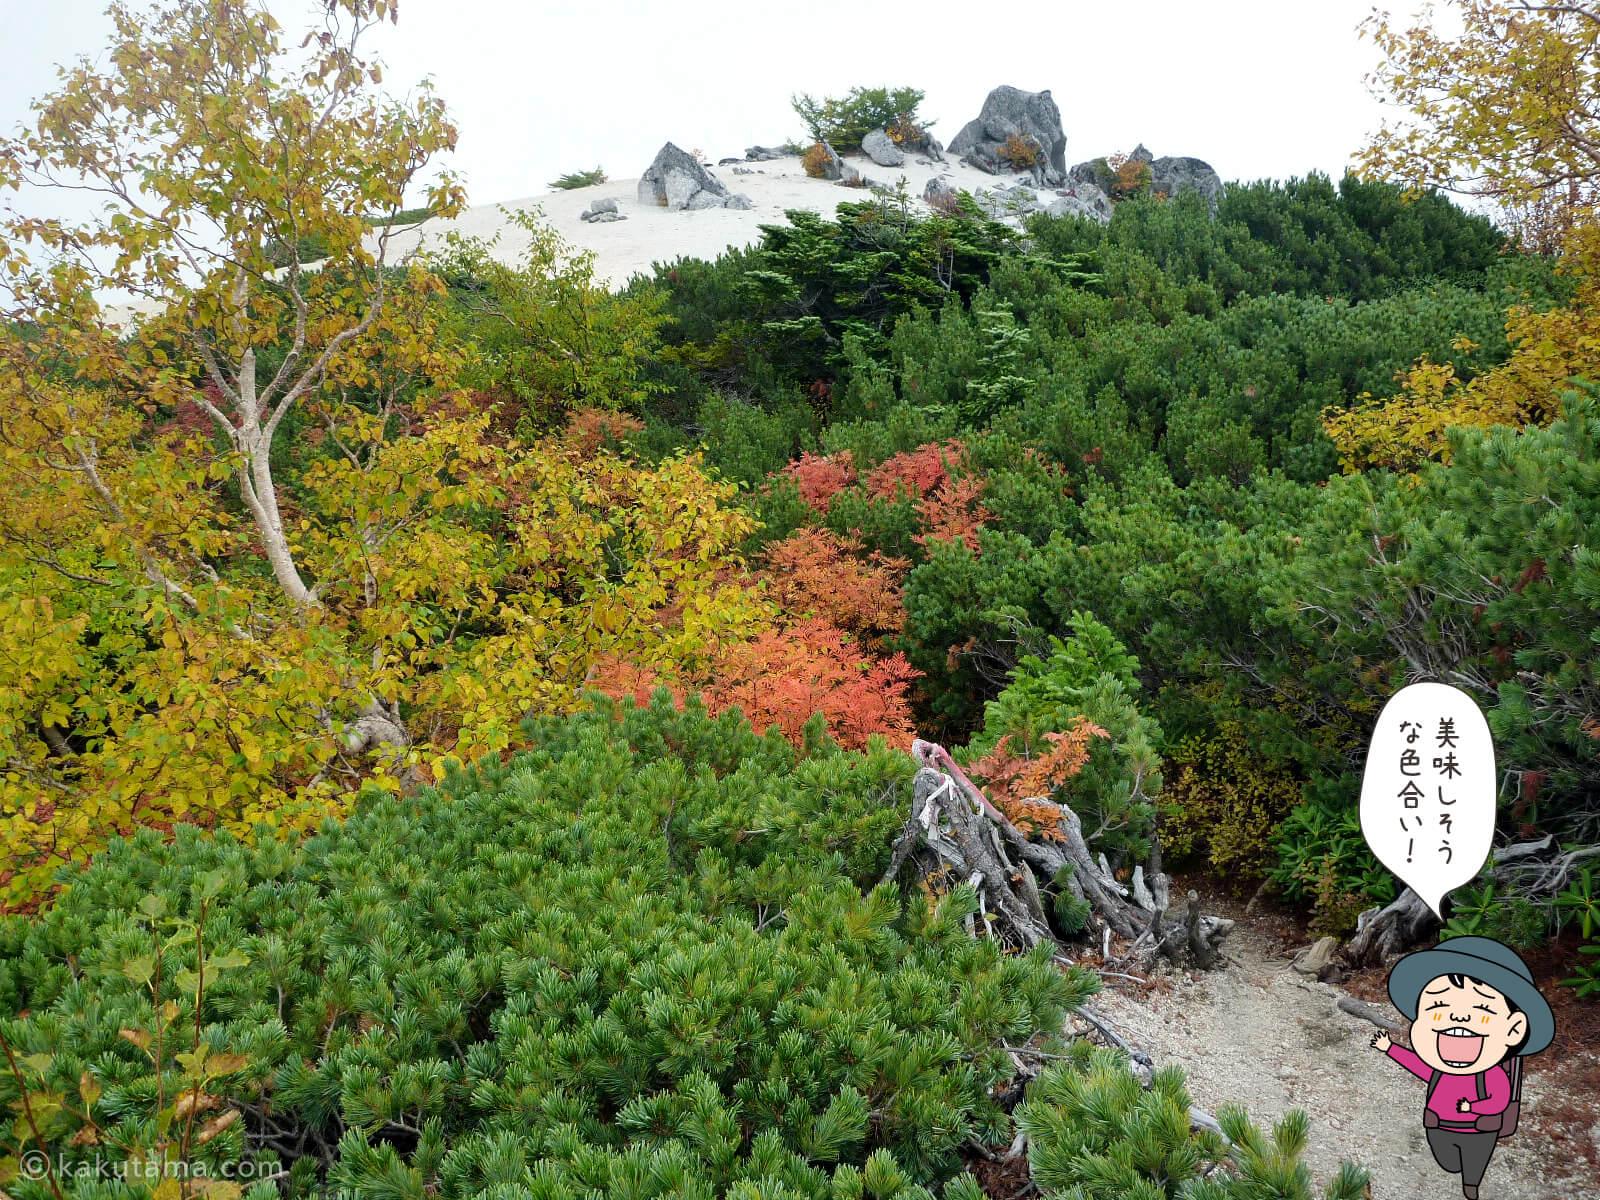 鳳凰三山薬師岳での紅葉写真とイラスト1